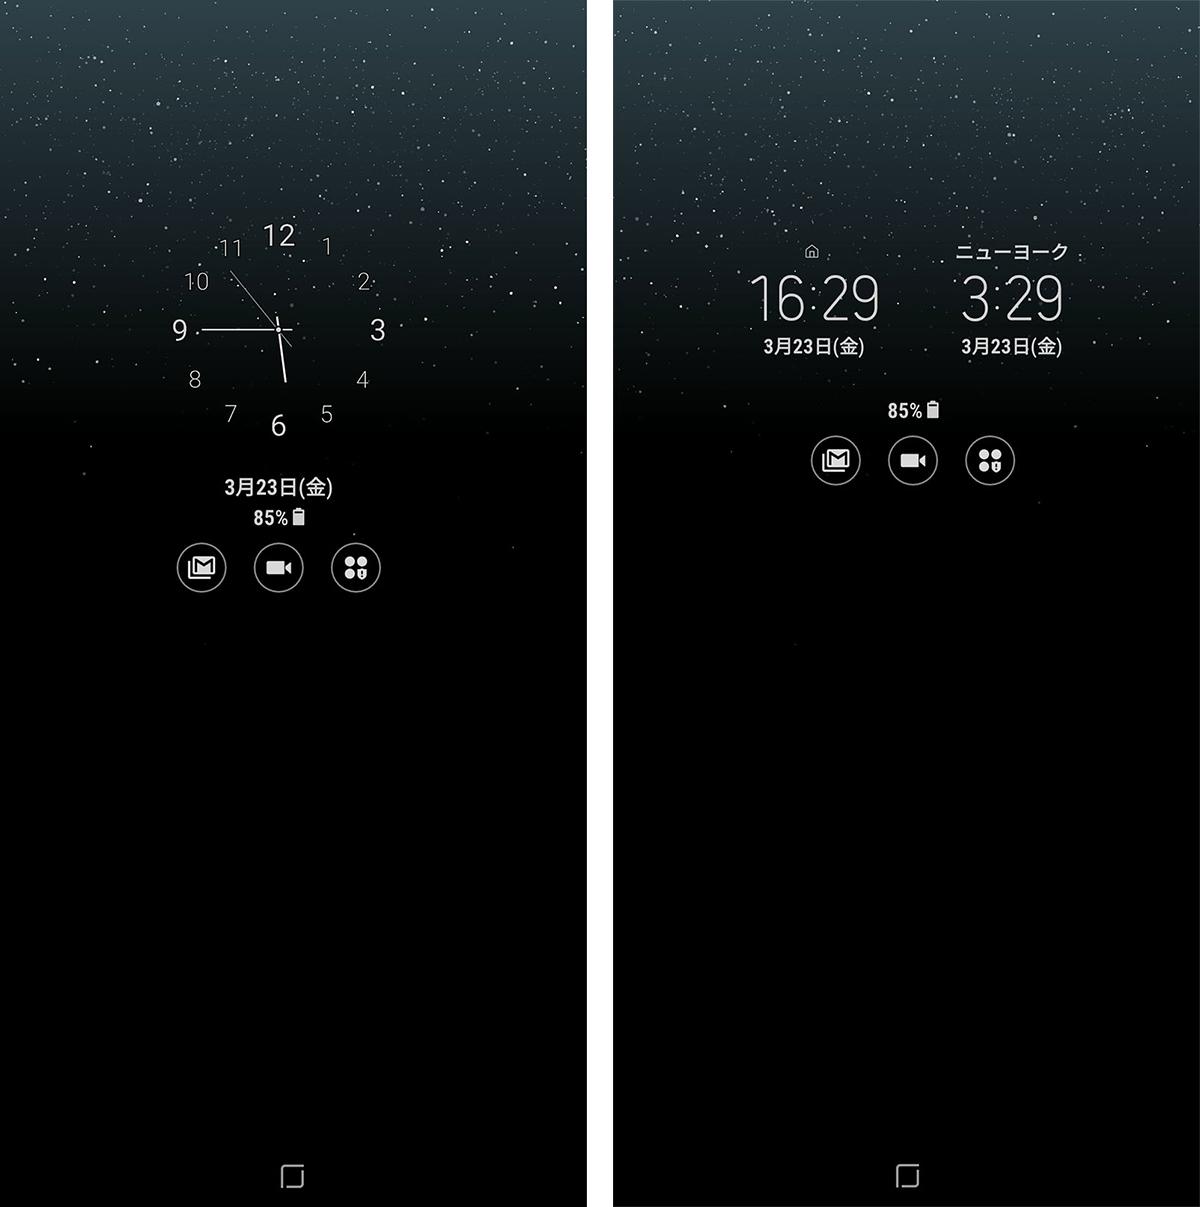 時計表示だけじゃないalways On Displayの楽しみ方 カスタマイズ豊富な画像設定あれこれ Engadget 日本版